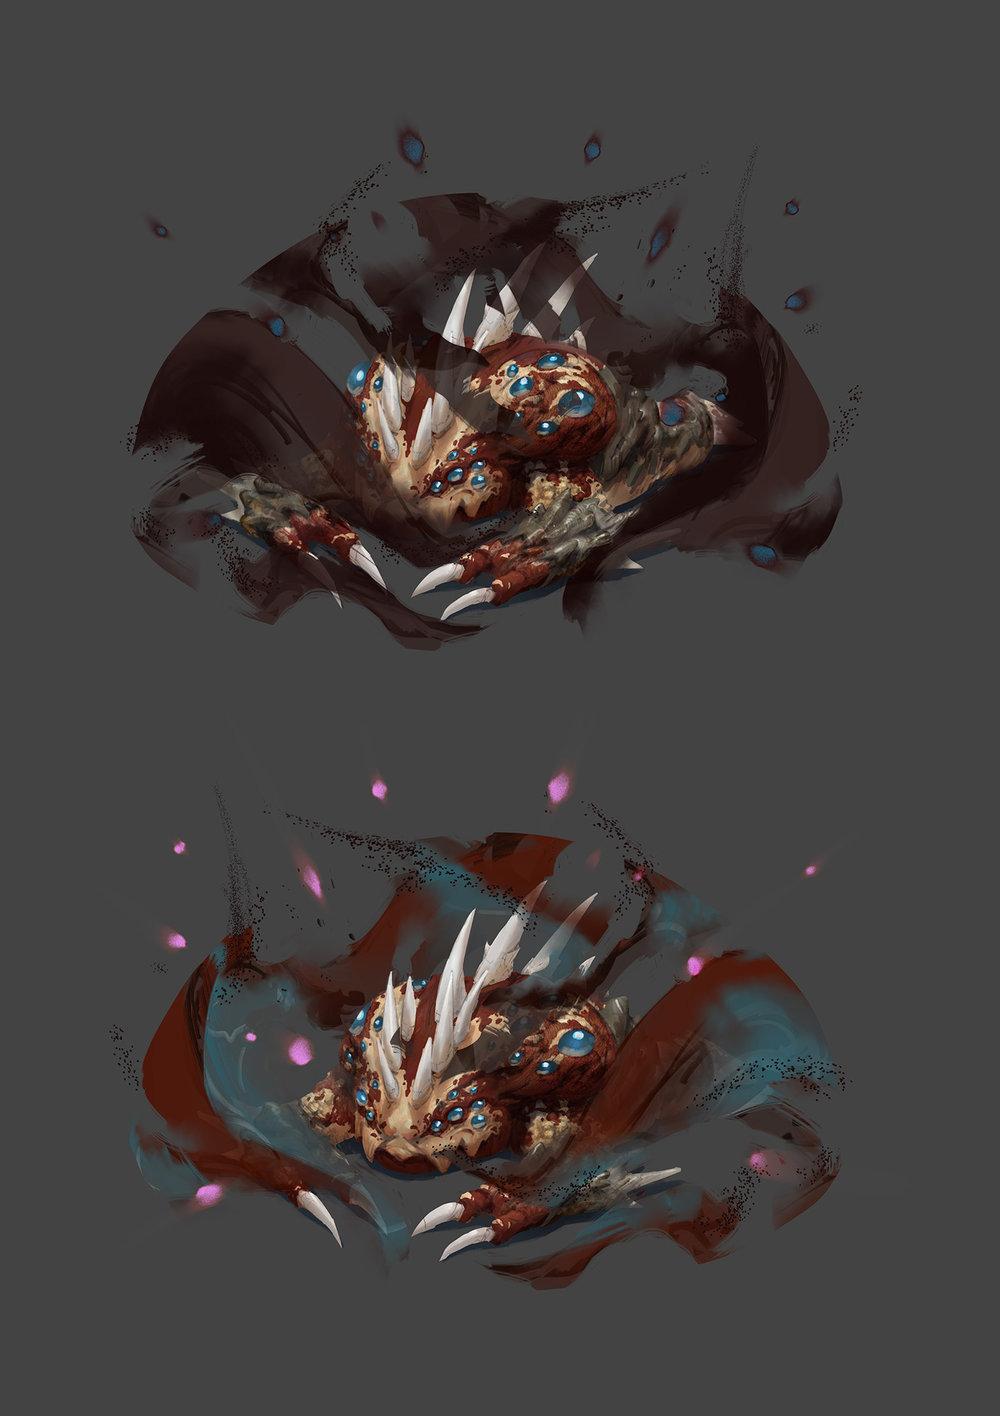 Character_Creatures_Extraterrestrial_Bracati_VFX_01.jpg